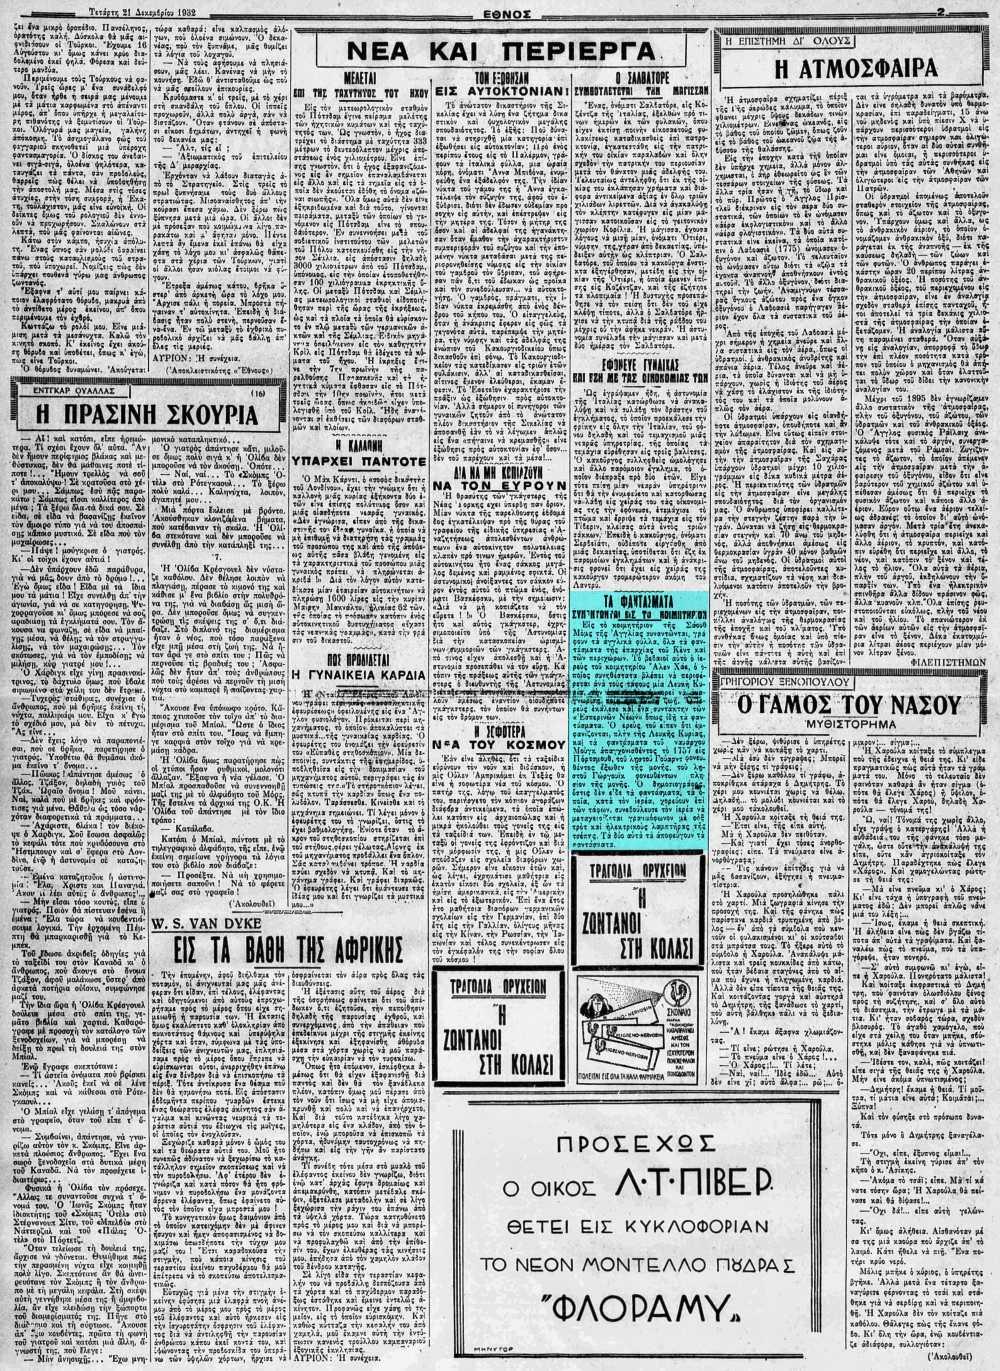 """Το άρθρο, όπως δημοσιεύθηκε στην εφημερίδα """"ΕΘΝΟΣ"""", στις 21/12/1932"""